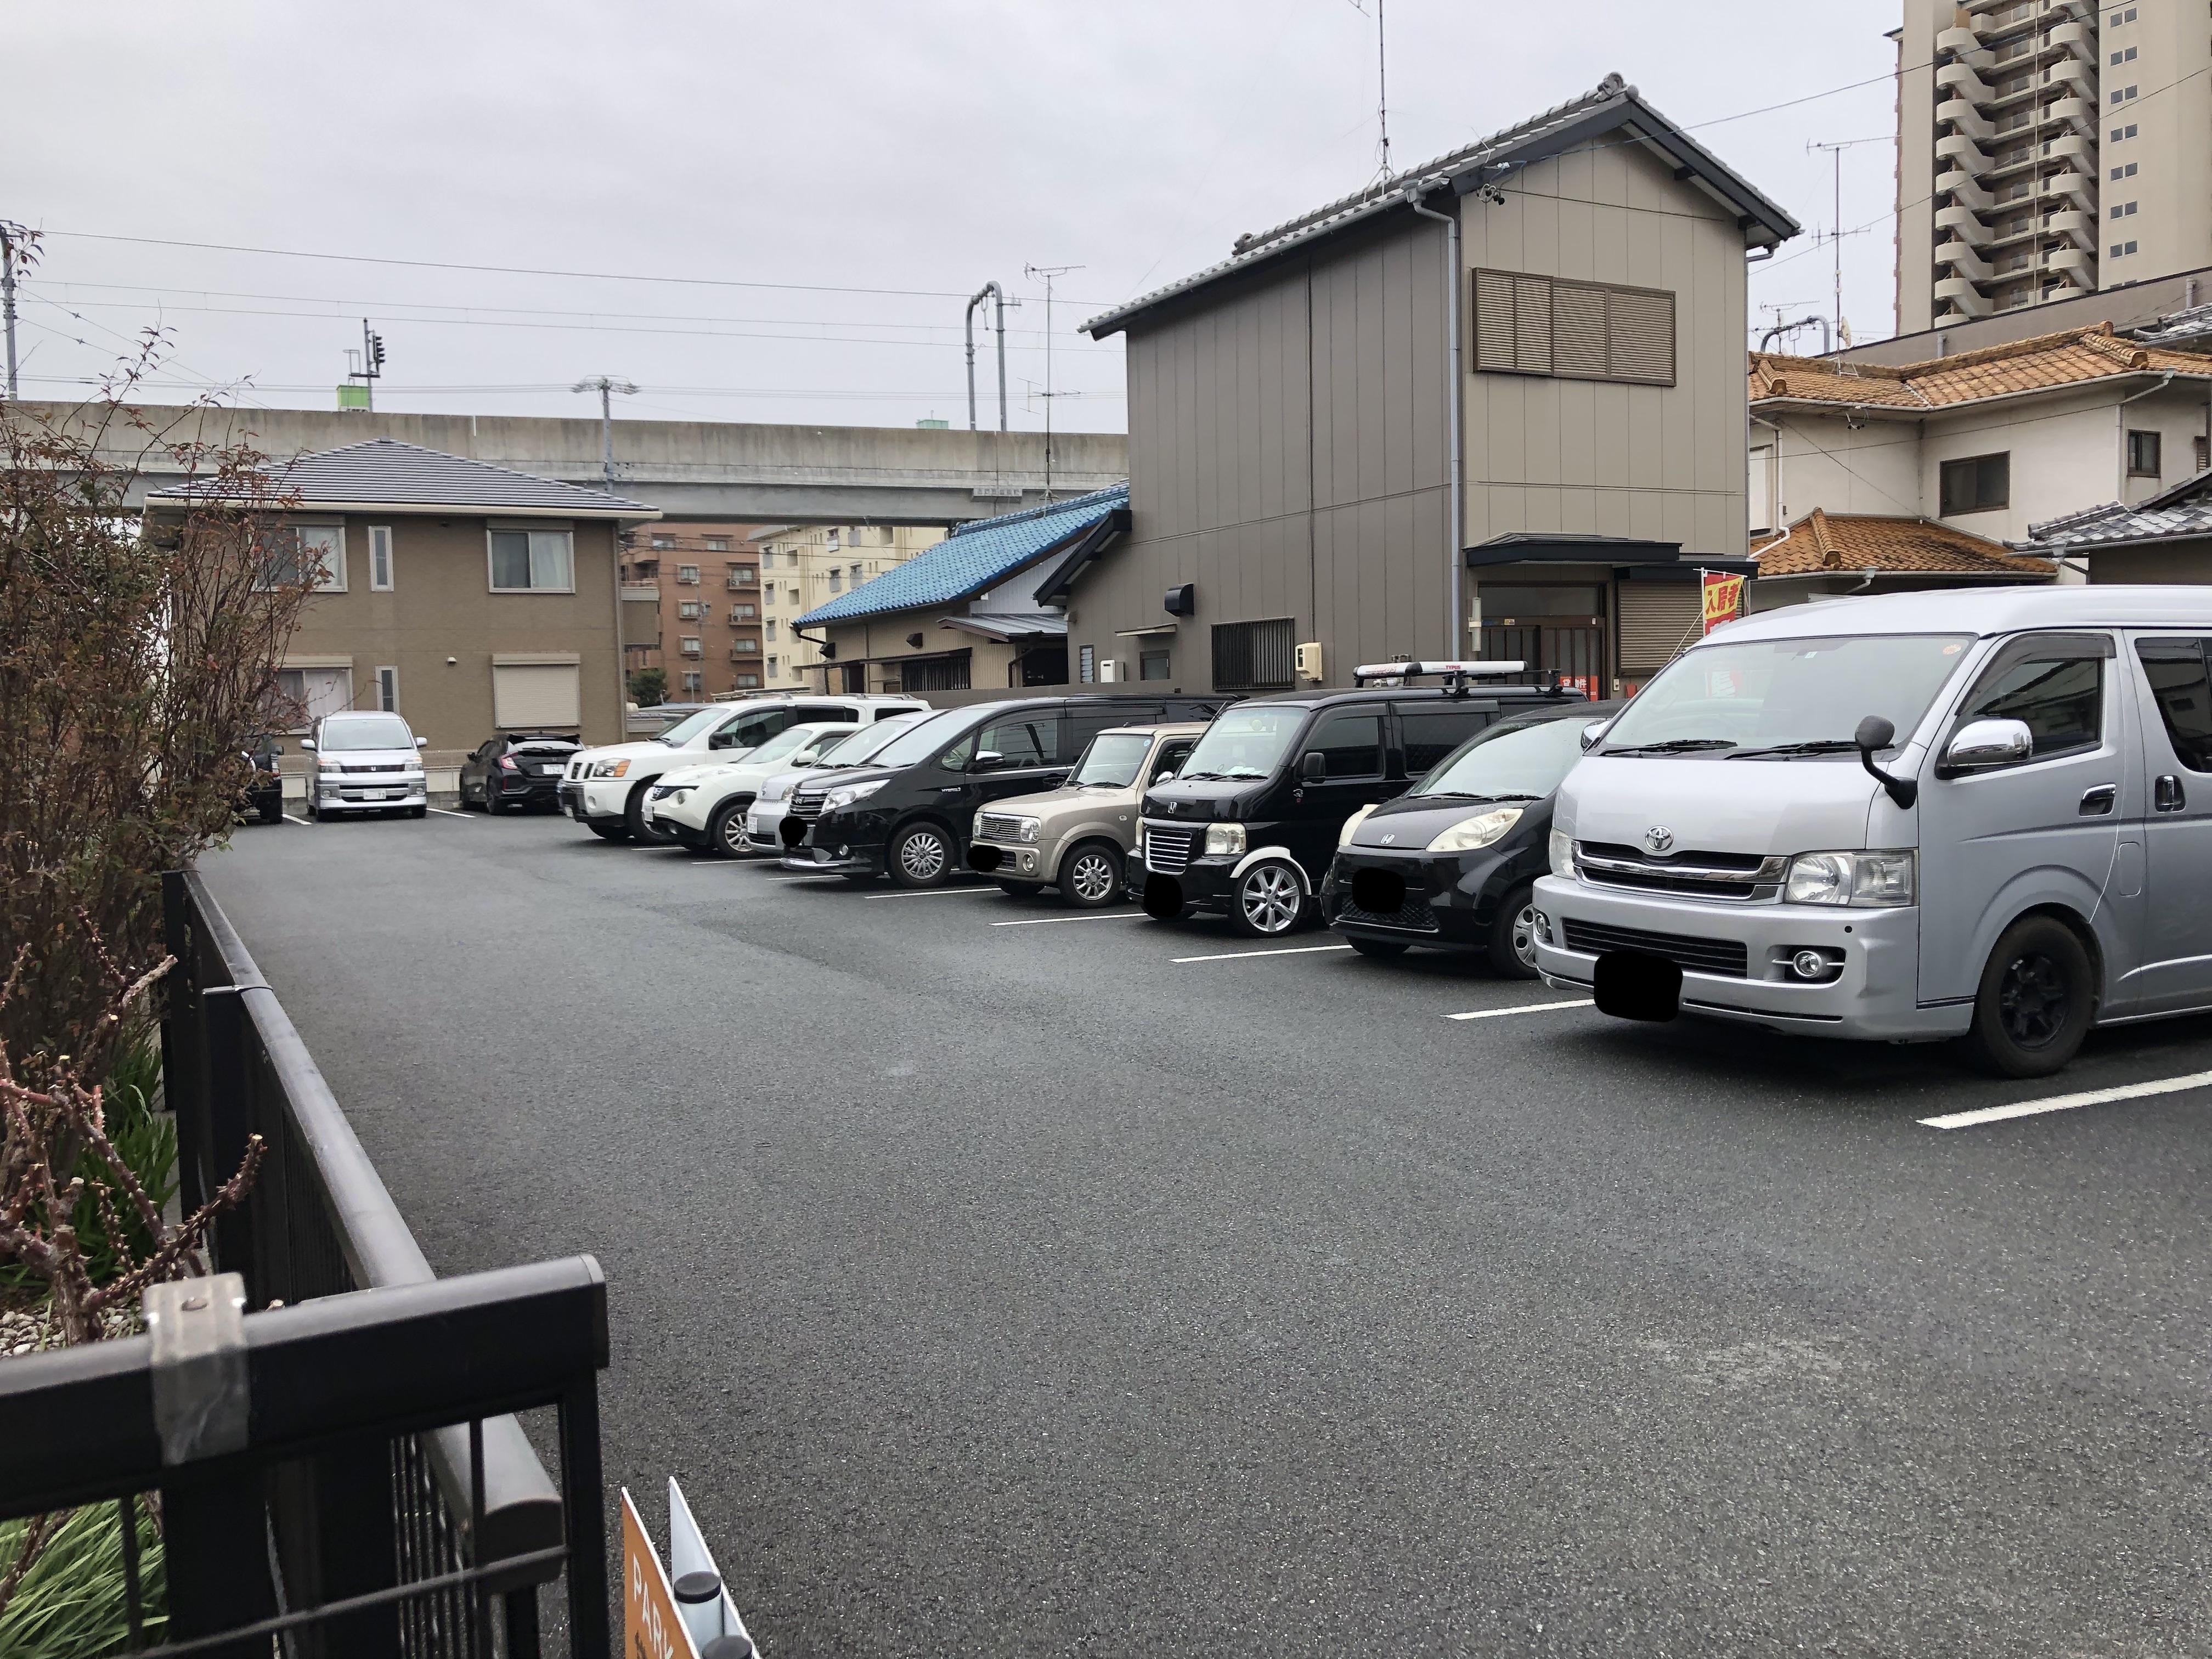 浜松 らーめん 豚鬼 駐車場